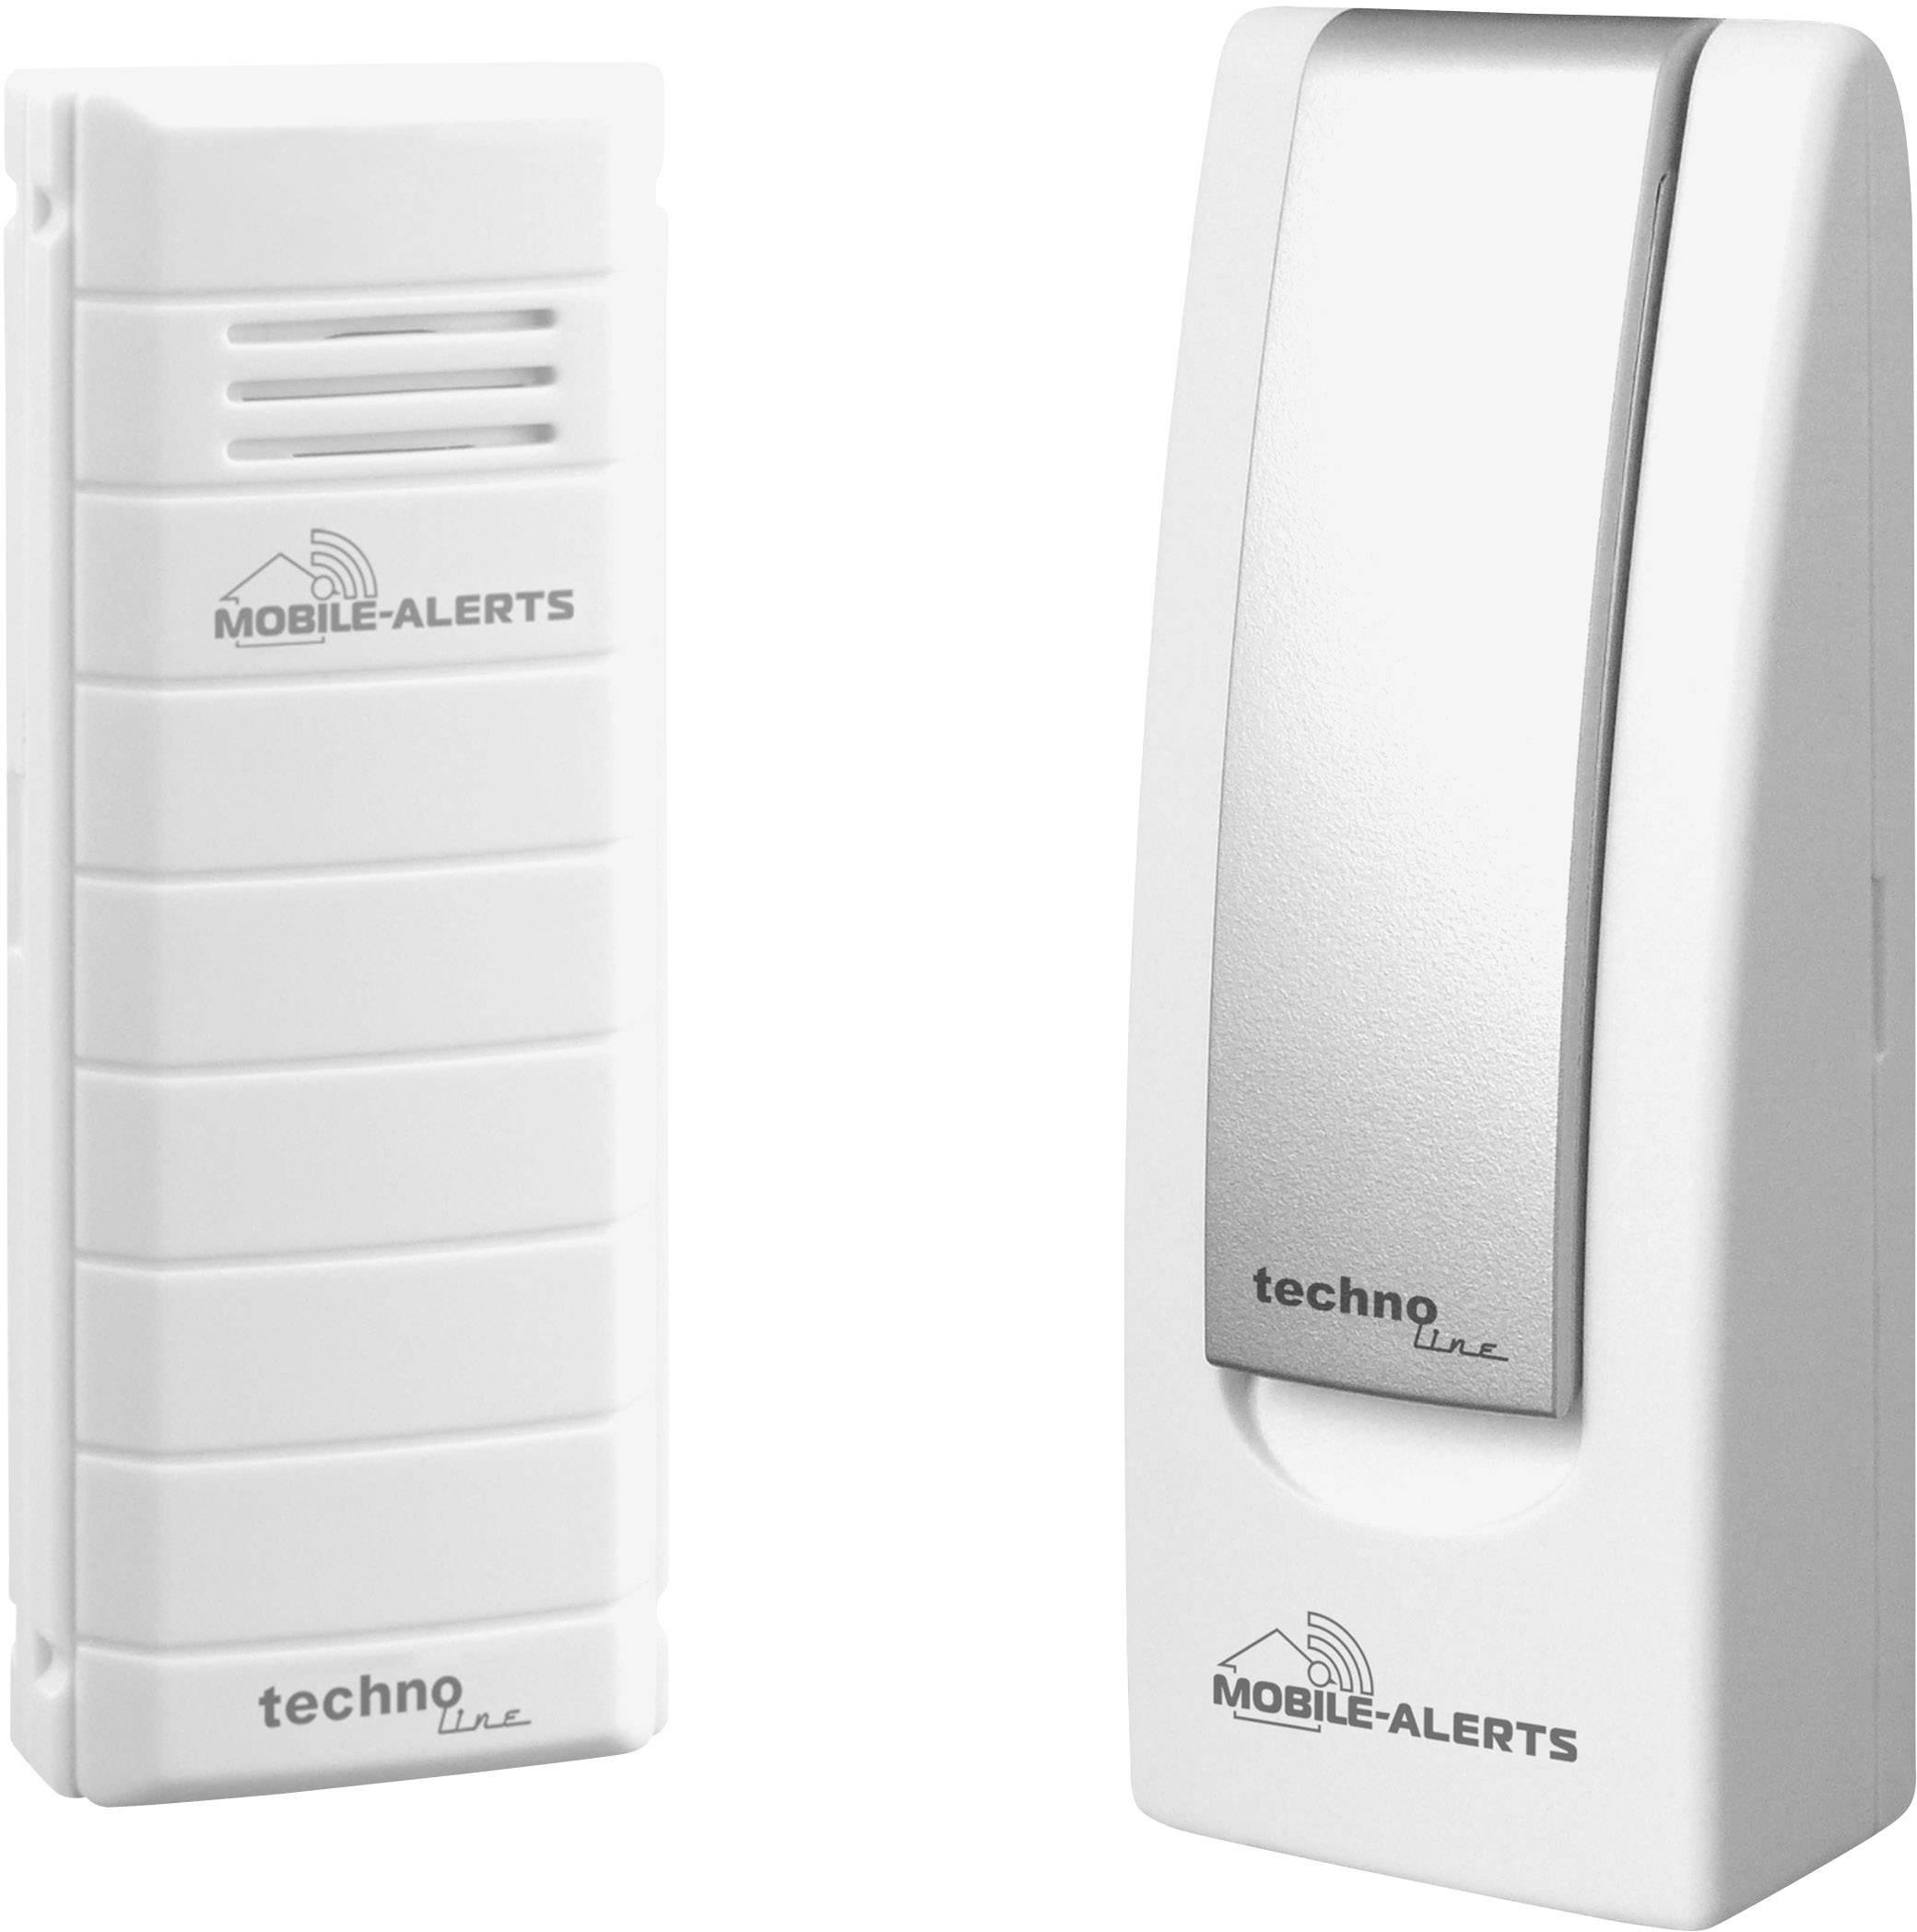 Teplotný senzor s pripojením na internet Techno Line Mobile Alerts MA 10001